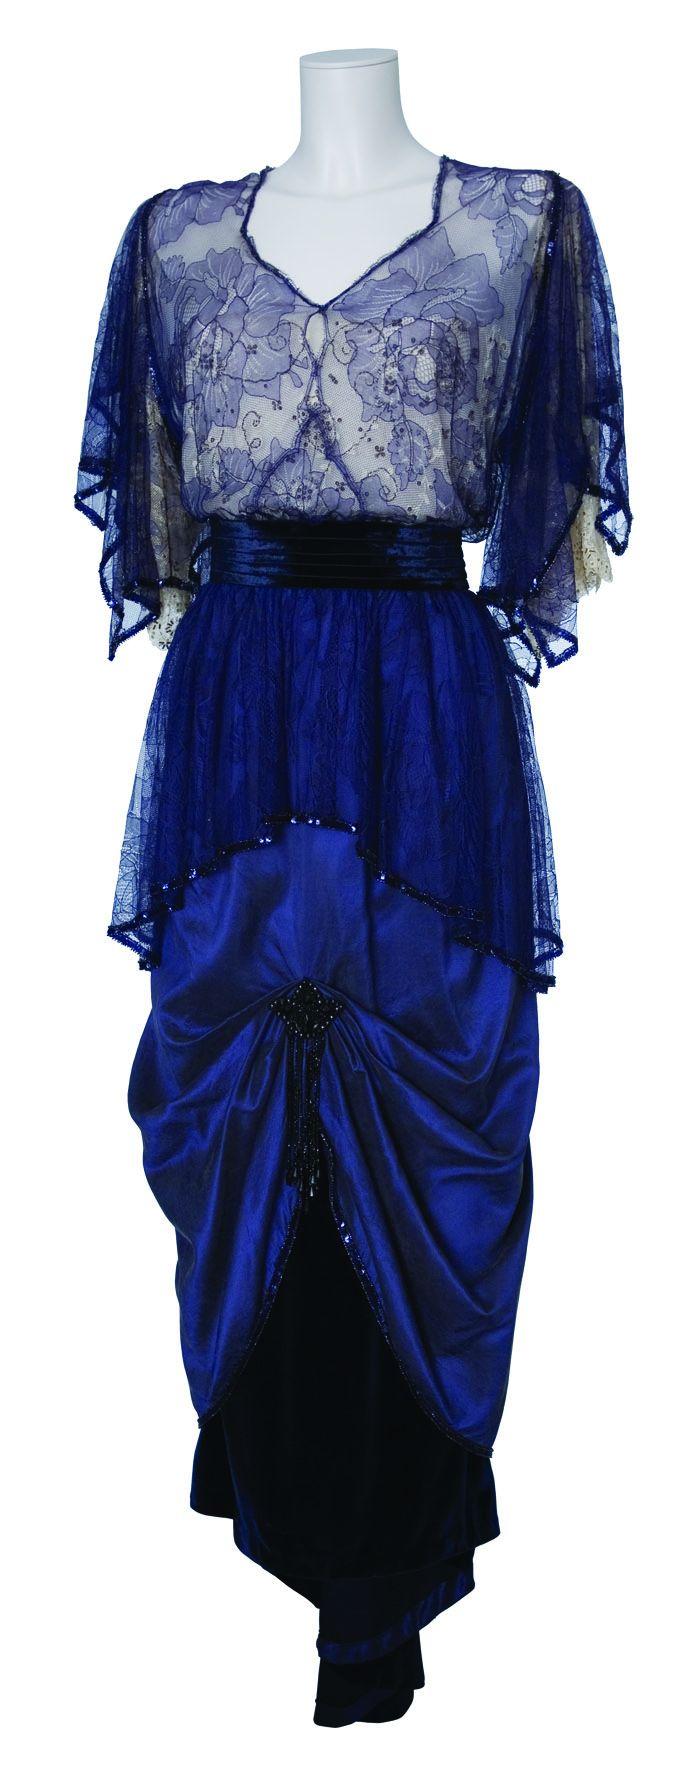 Dunkelblaues elegantes Kleid auf einer Figurine